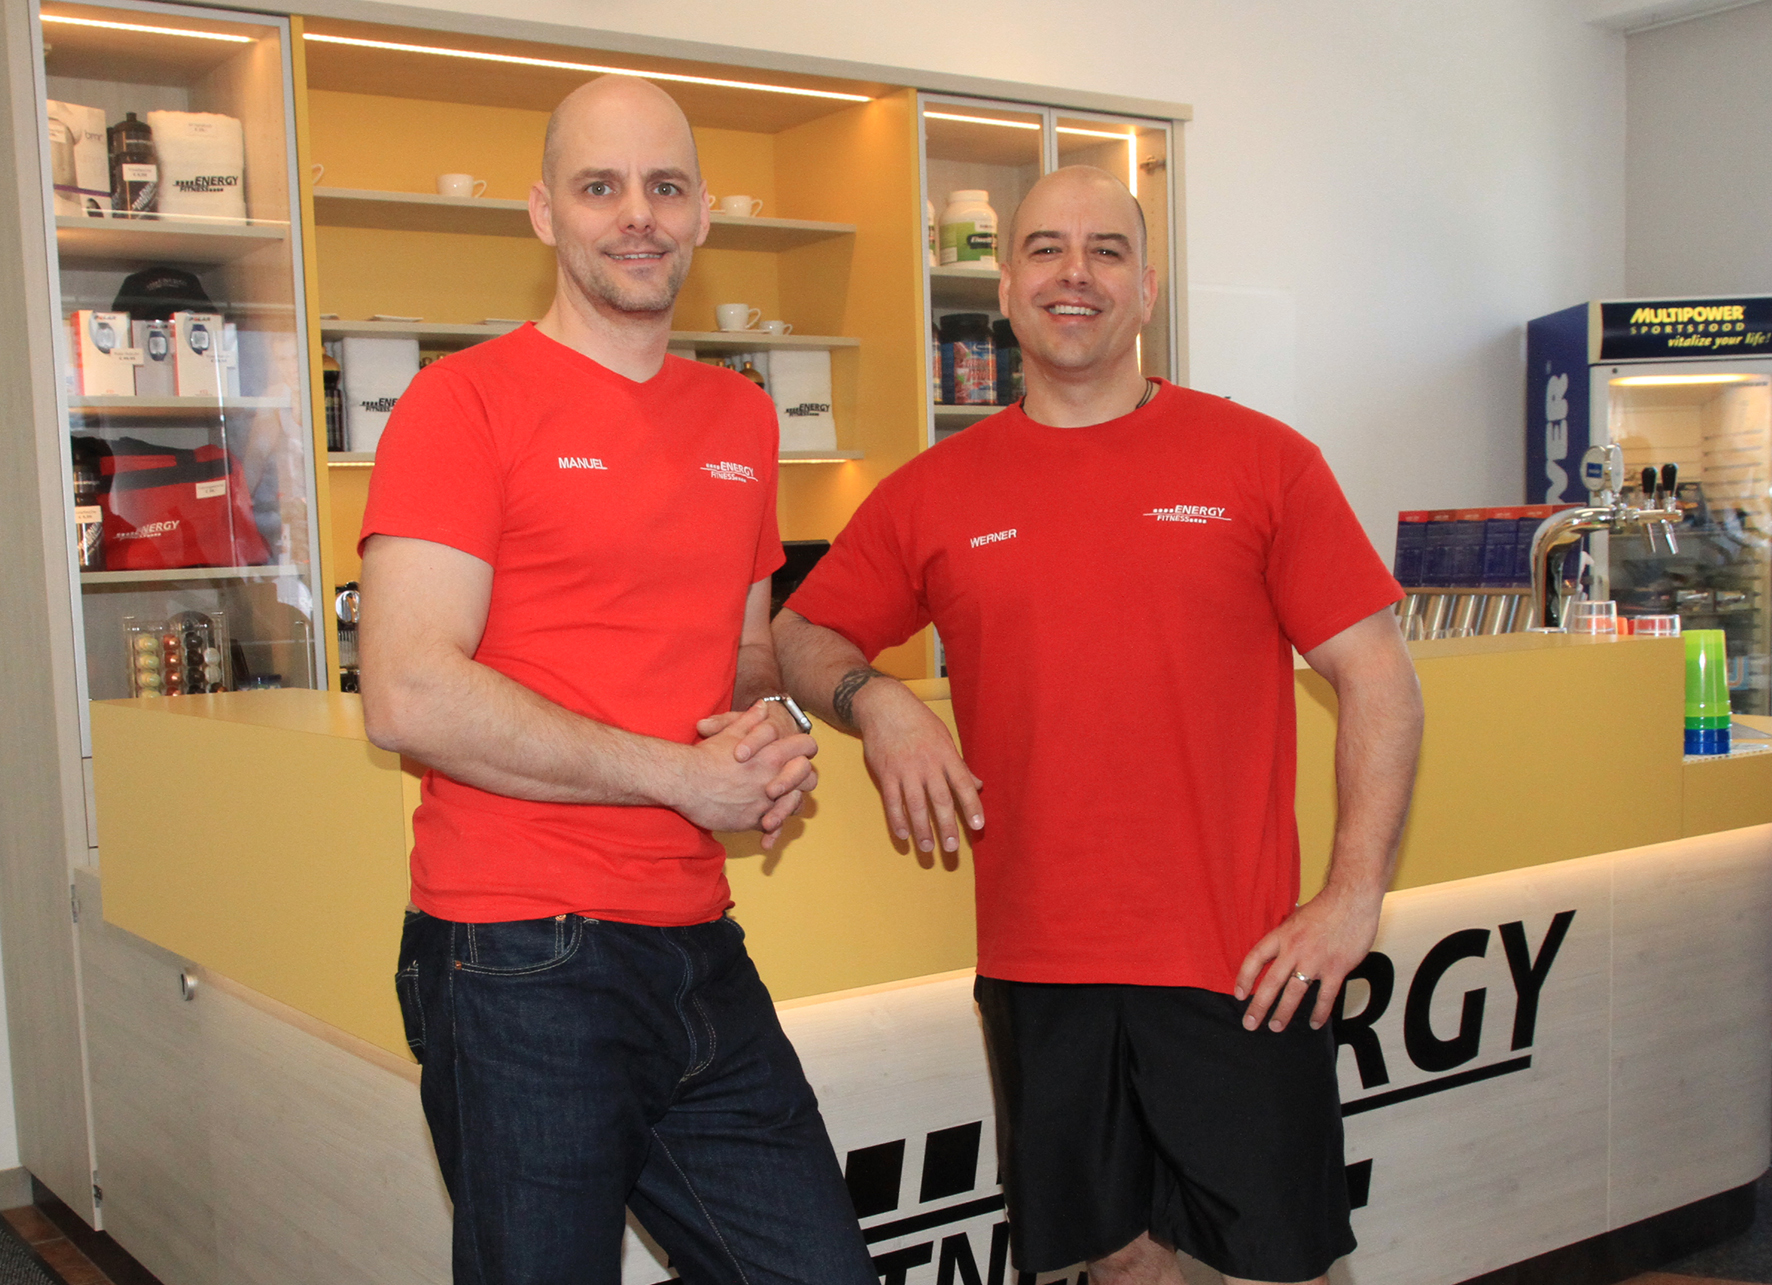 Die beiden Engery-Fitness-Geschäftsführer Manuel Sefler und Werner Kößler freuen sich über das neue gestaltete Energy-Fitness-Studio in der Langenharter Straße. Fotos: stubauer.com